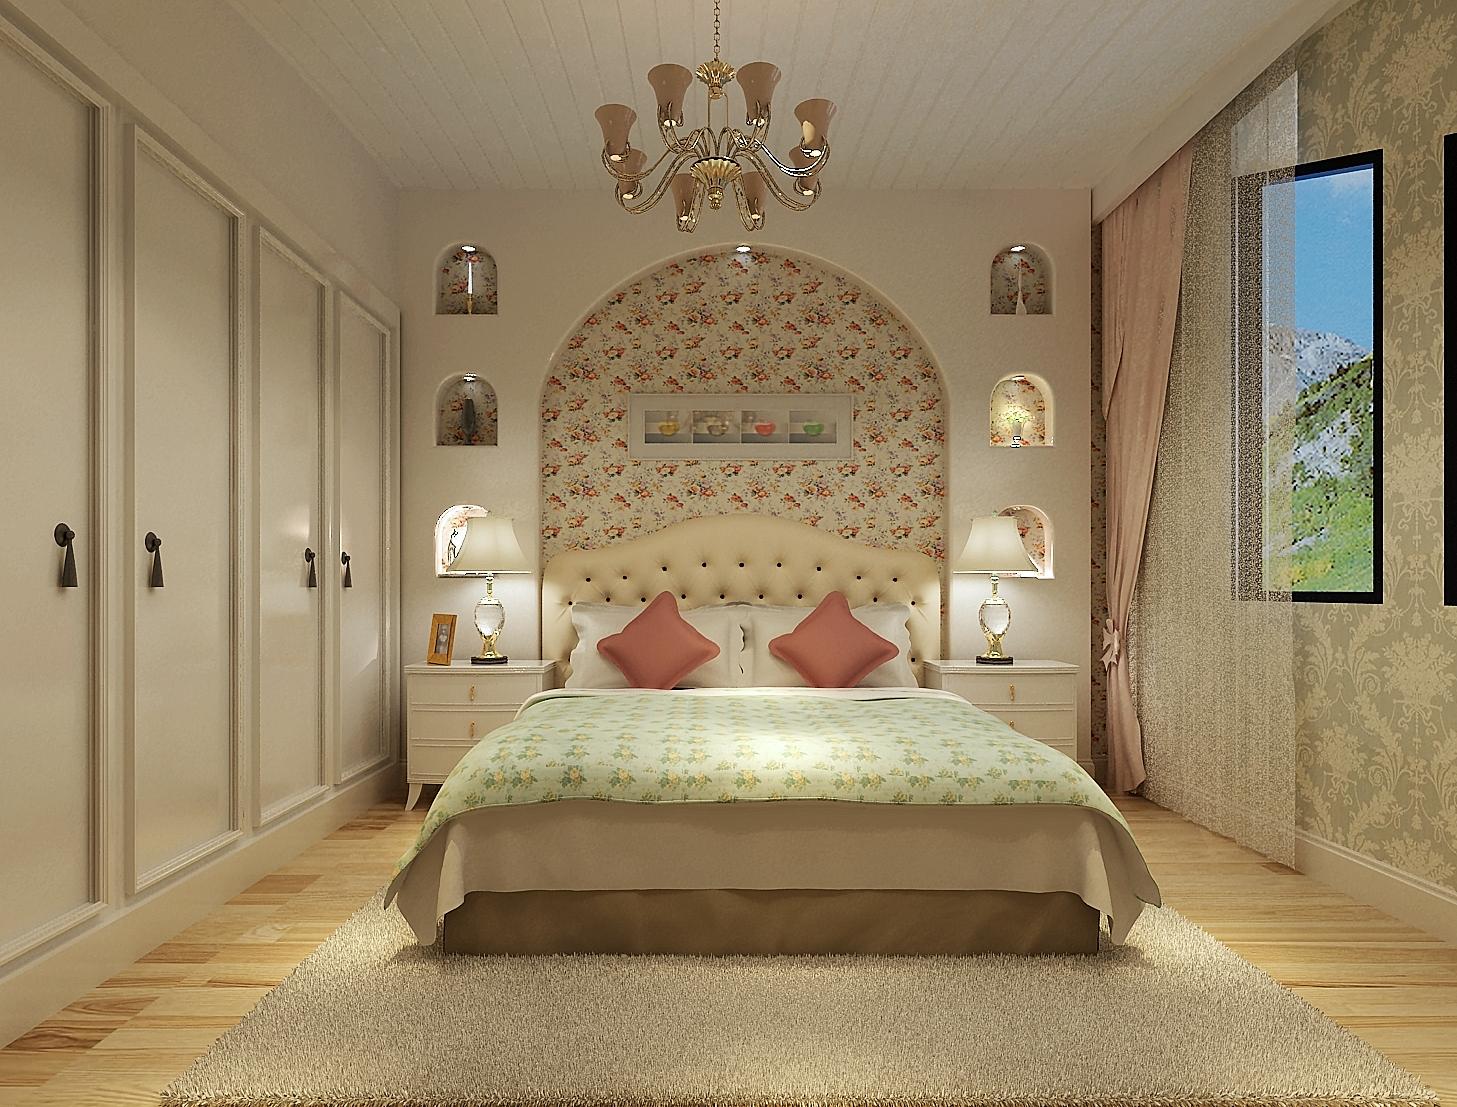 欧式 卧室图片来自159xxxx8729在银基王朝130平浪漫欧式的分享